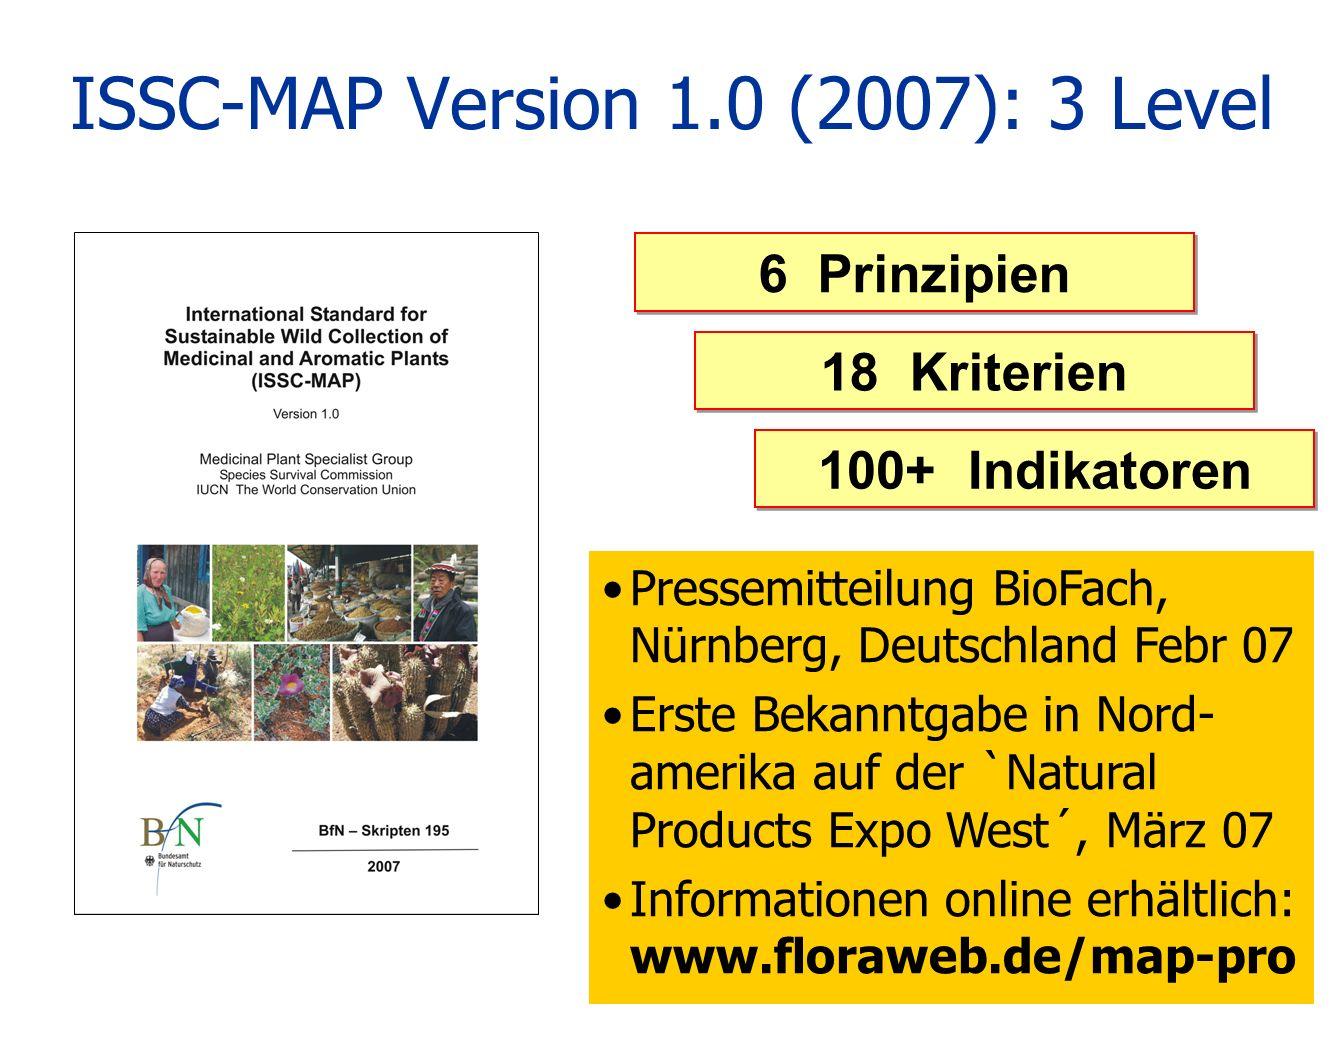 ISSC-MAP Version 1.0 (2007): 3 Level 6 Prinzipien 18 Kriterien 100+ Indikatoren Pressemitteilung BioFach, Nürnberg, Deutschland Febr 07 Erste Bekanntg